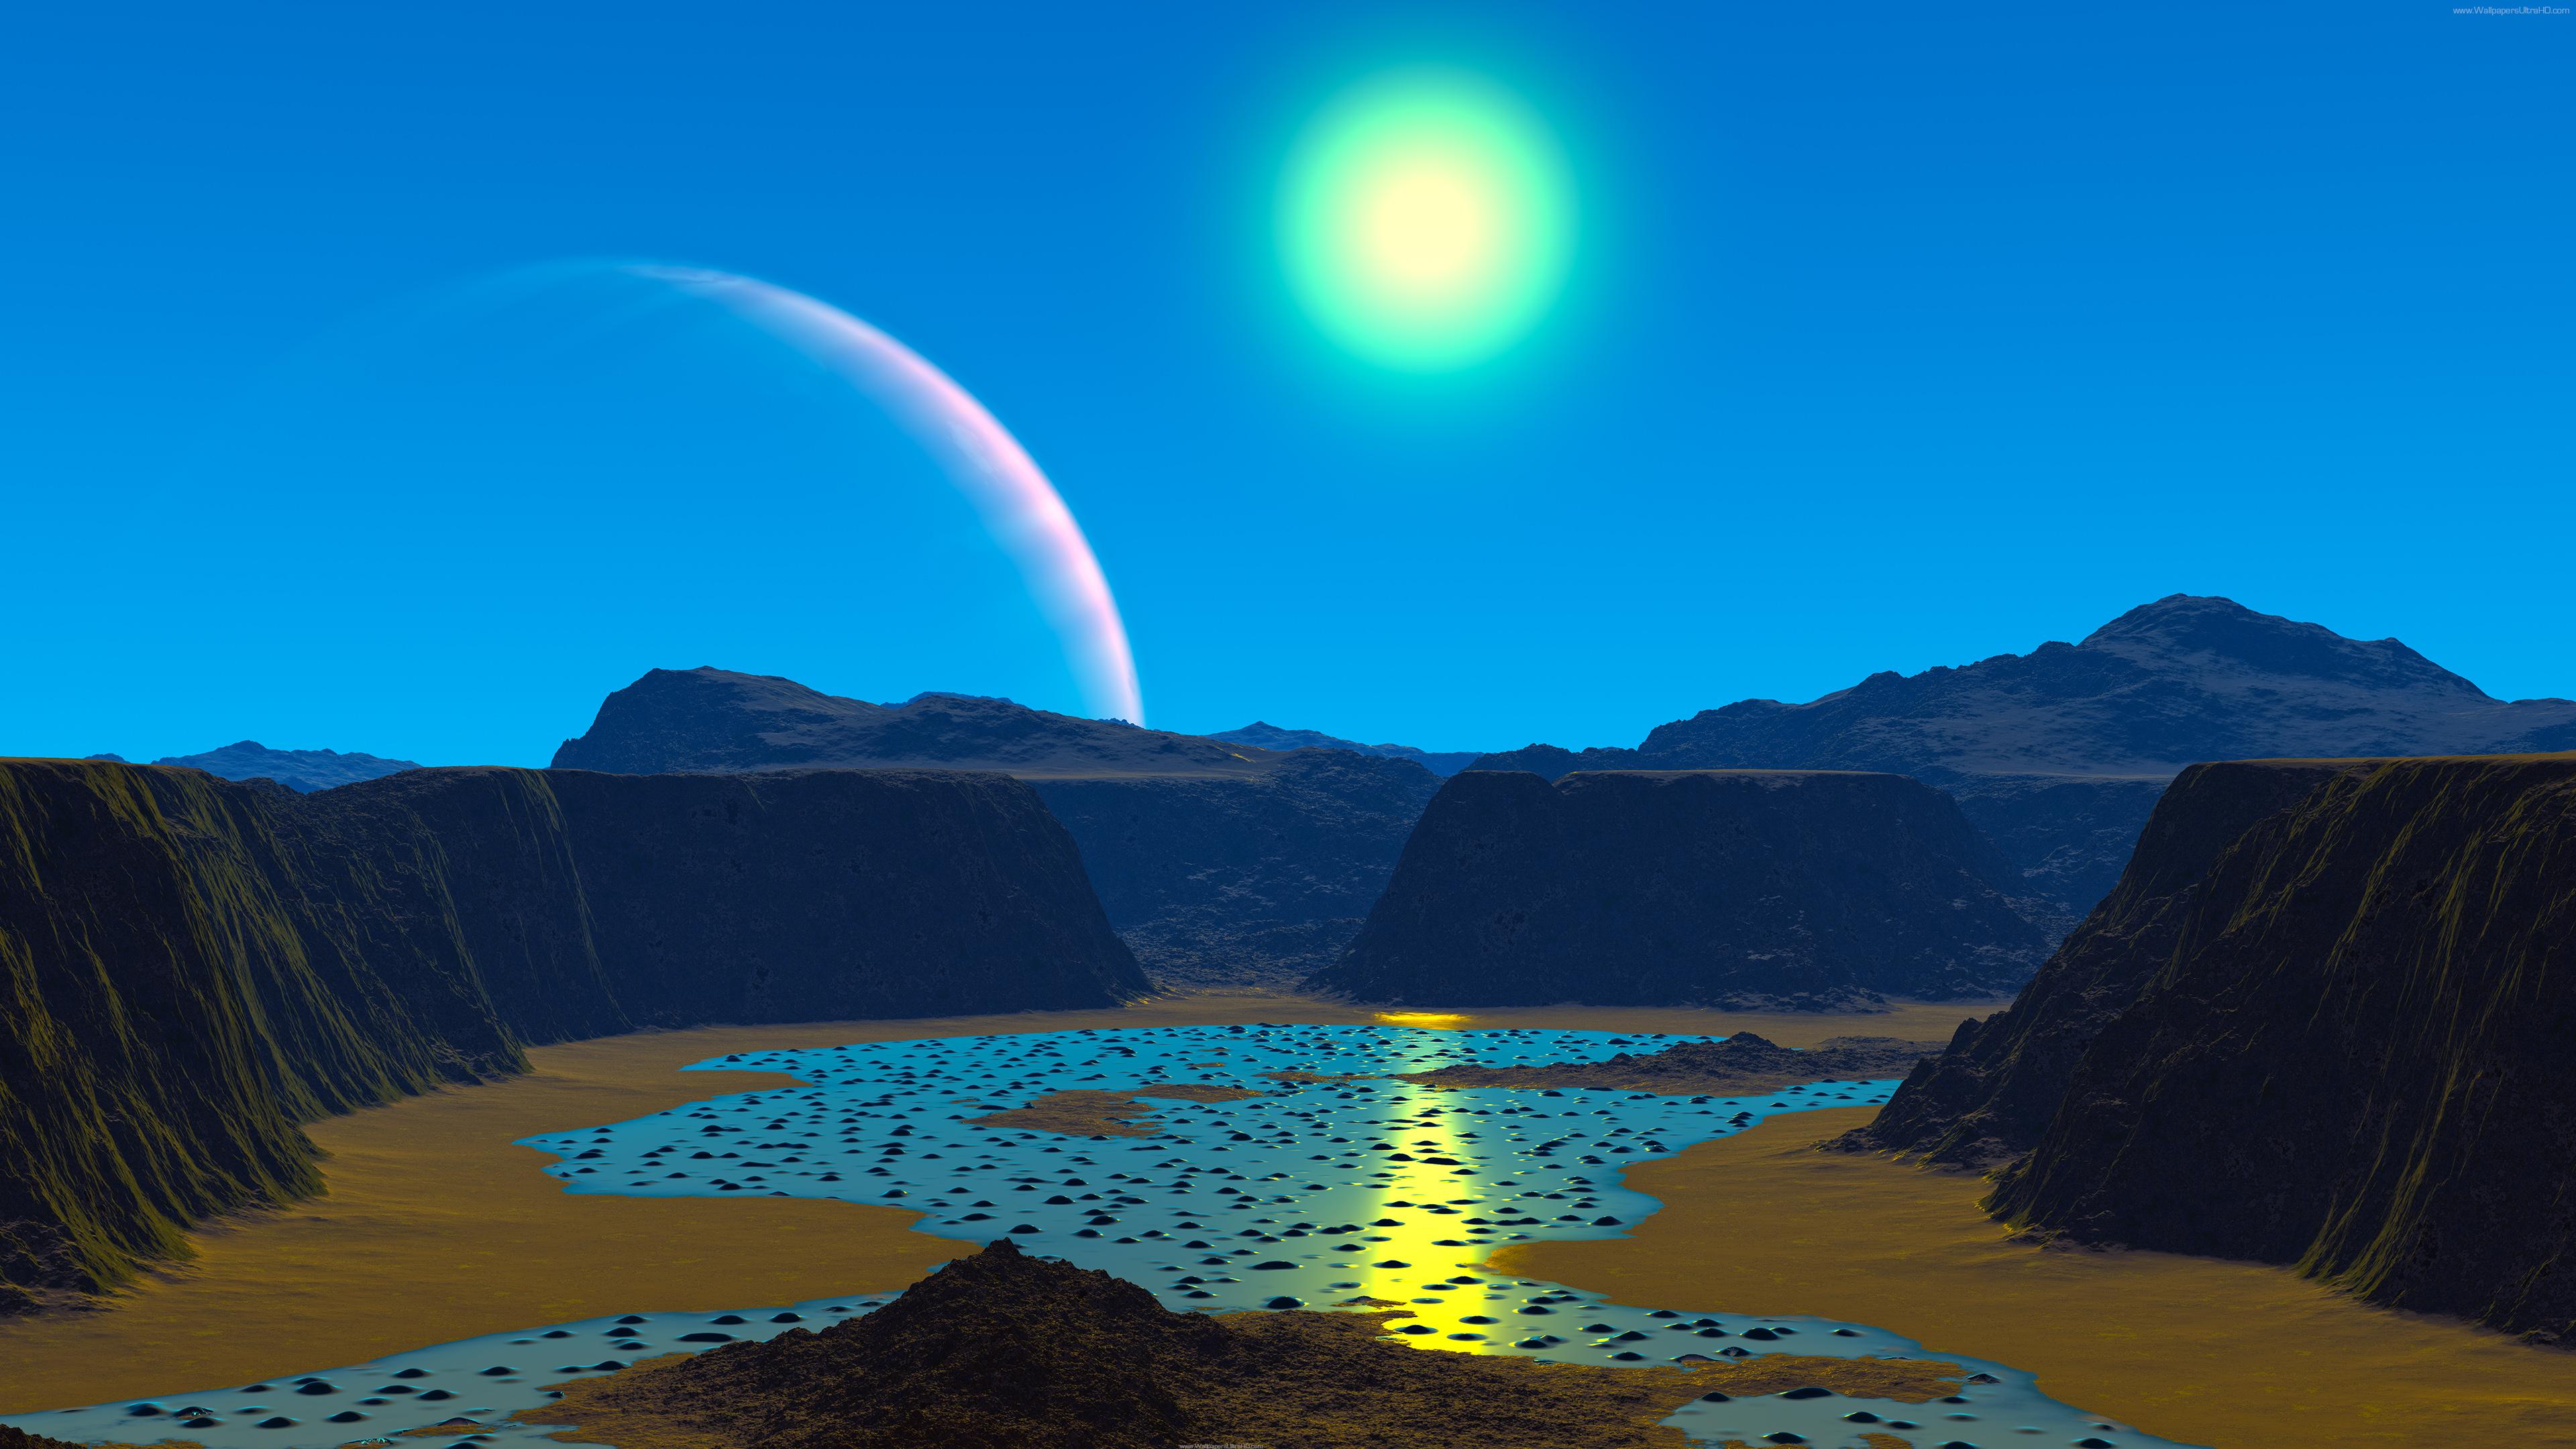 Ultra HD wallpapers 4K 3D Alien planet 3840x2160 3840x2160